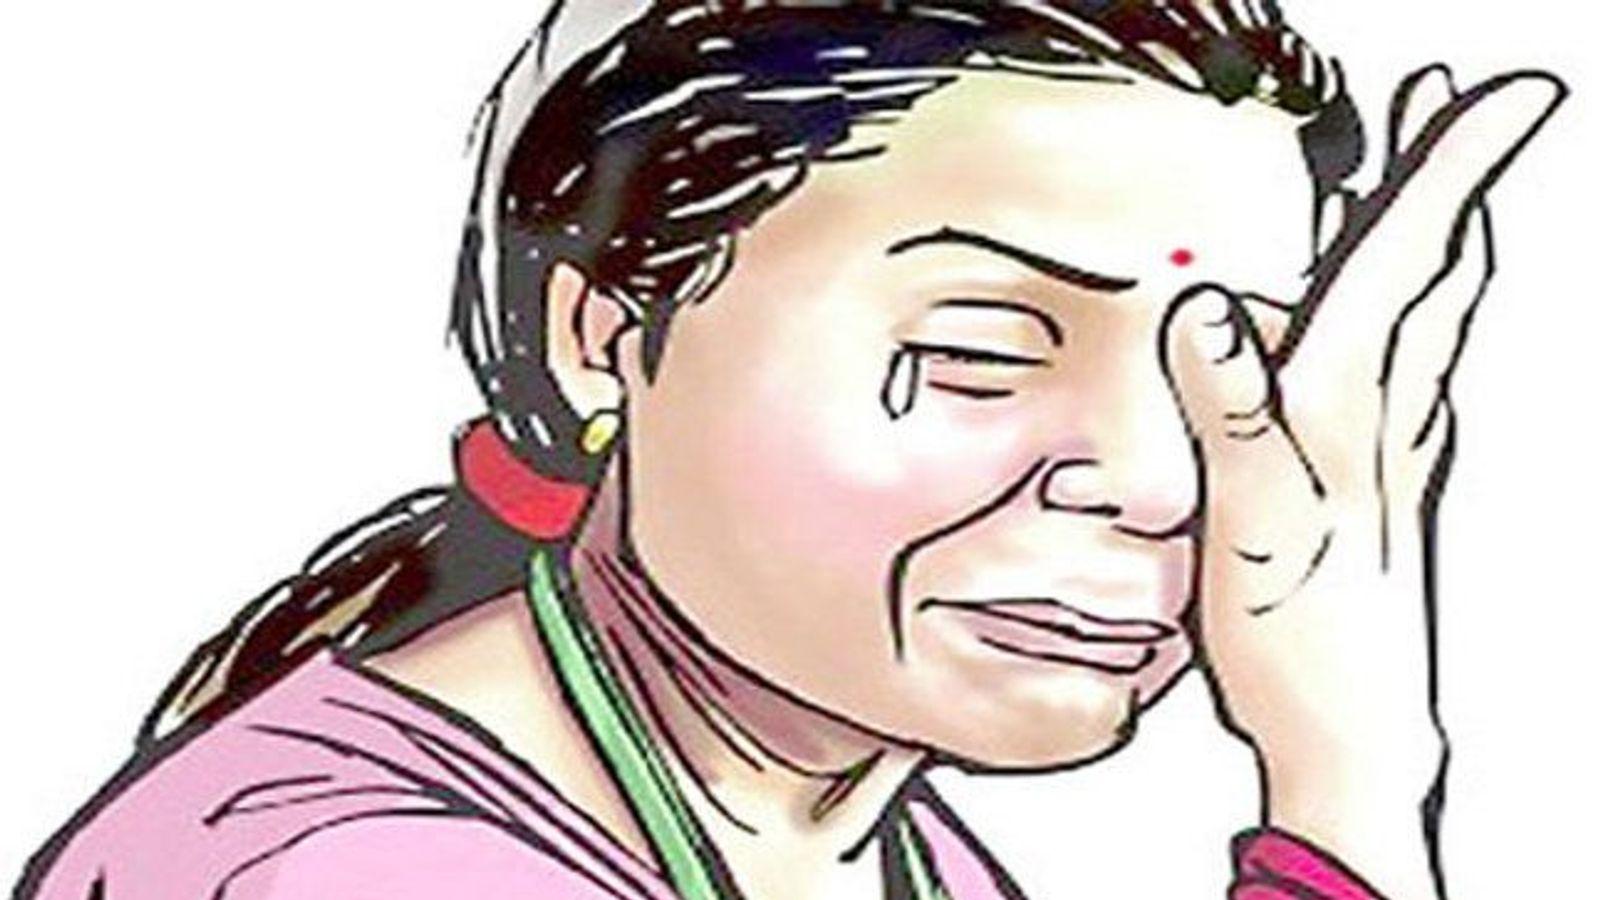 पत्नी ने घरेलू हिंसा का केस दर्ज कराया तो पति ने की दरिंदगी, बीवी के कपड़े उतारकर ऐसी हरकत की, जिसे शब्दों में बताना मुश्किल जालंधर,Jalandhar - Dainik Bhaskar